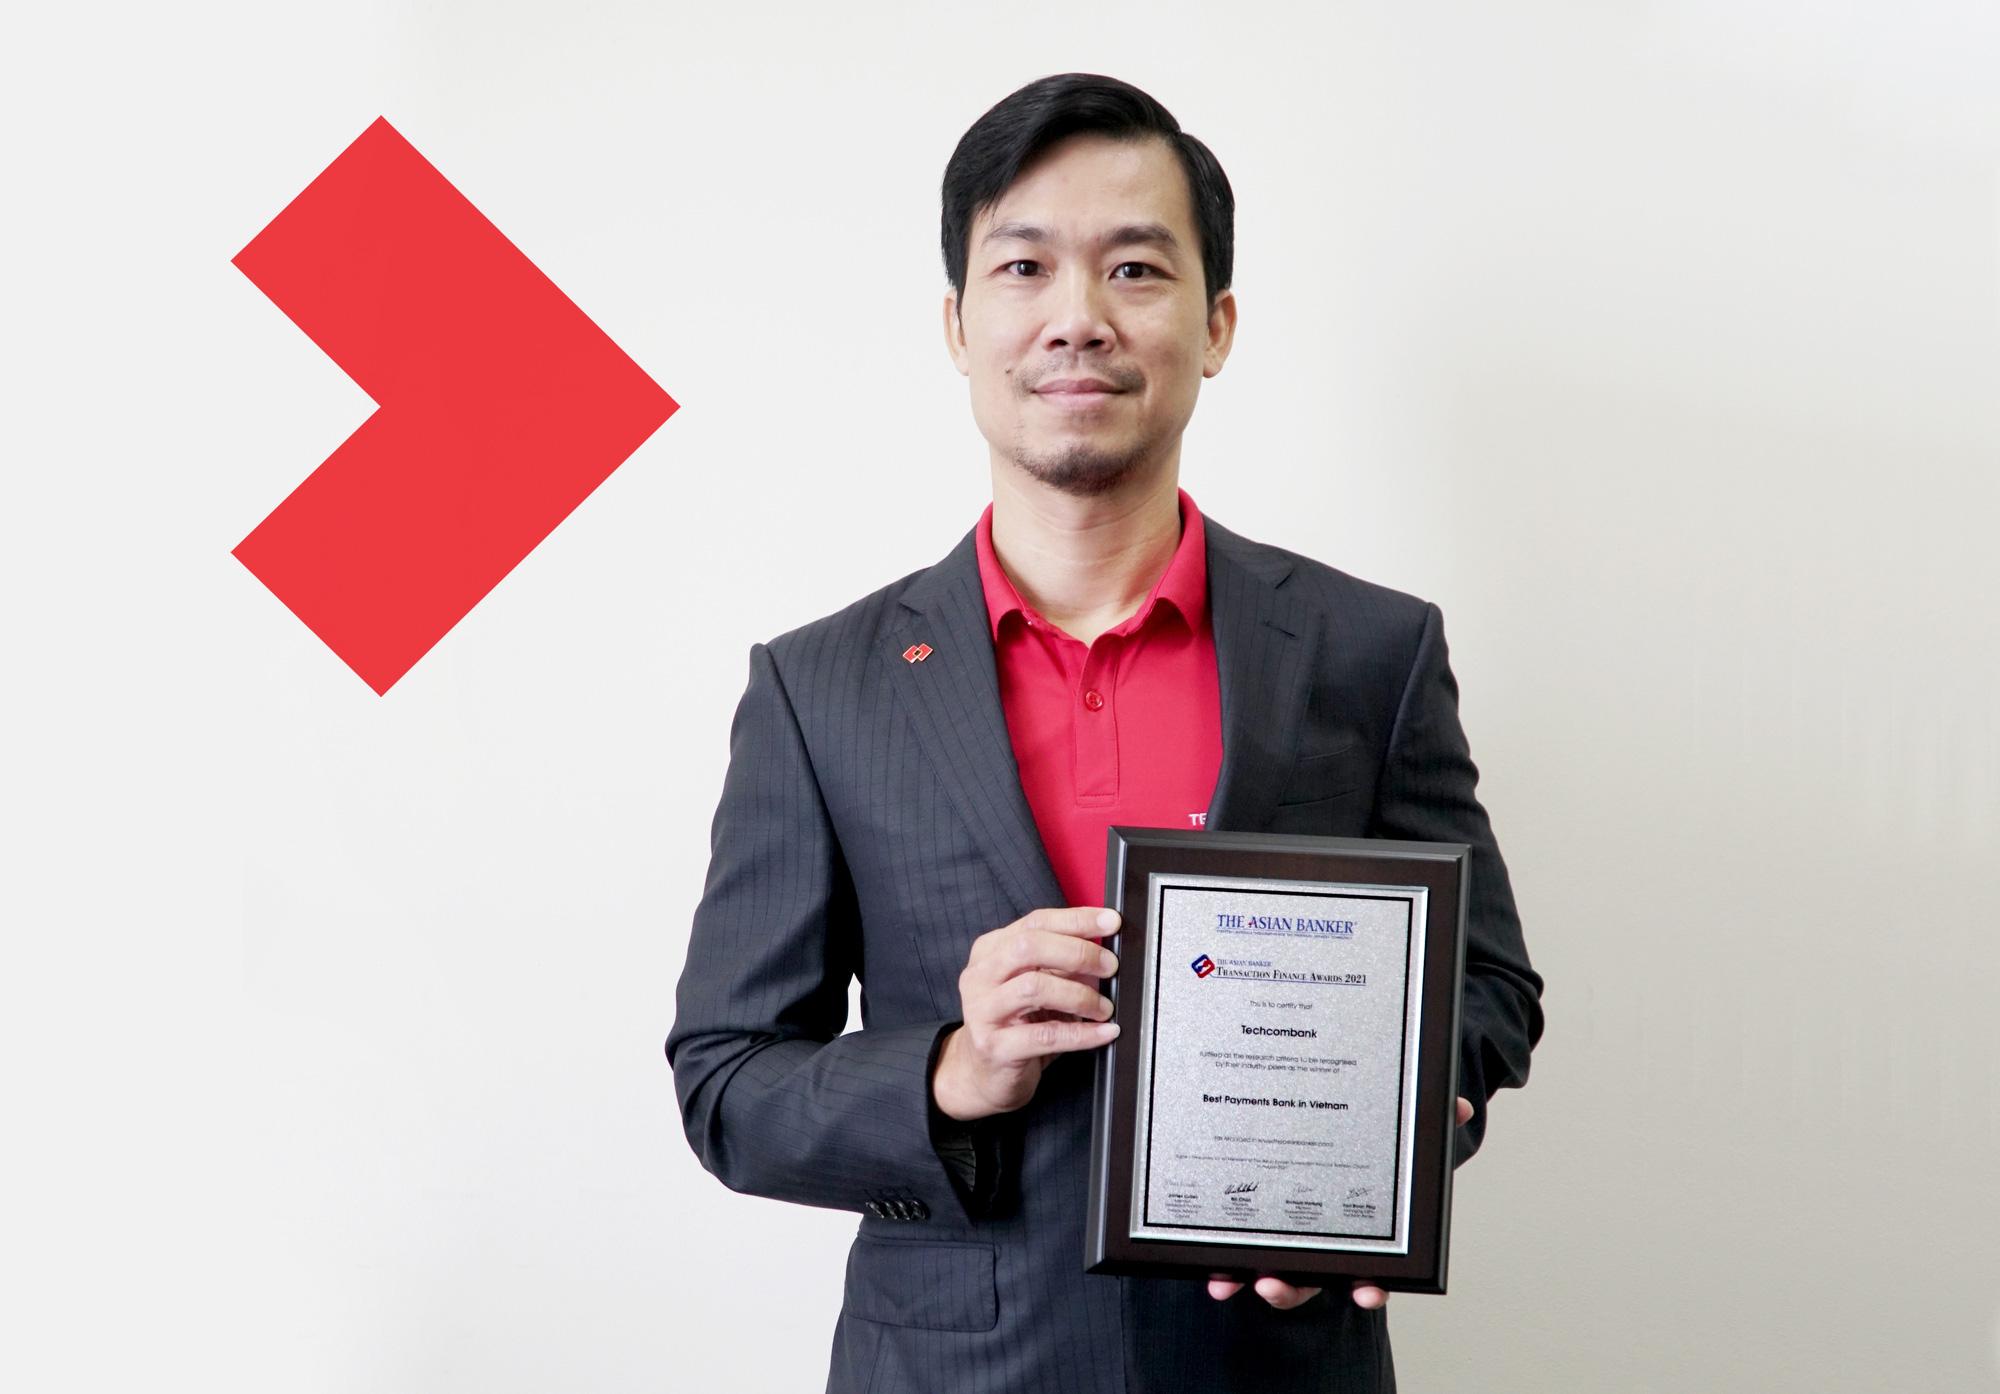 The Asian Banker vinh danh Techcombank với hai giải thưởng 'Ngân hàng thanh toán tốt nhất' và 'Ngân hàng được yêu thích nhất' tại Việt Nam - Ảnh 1.